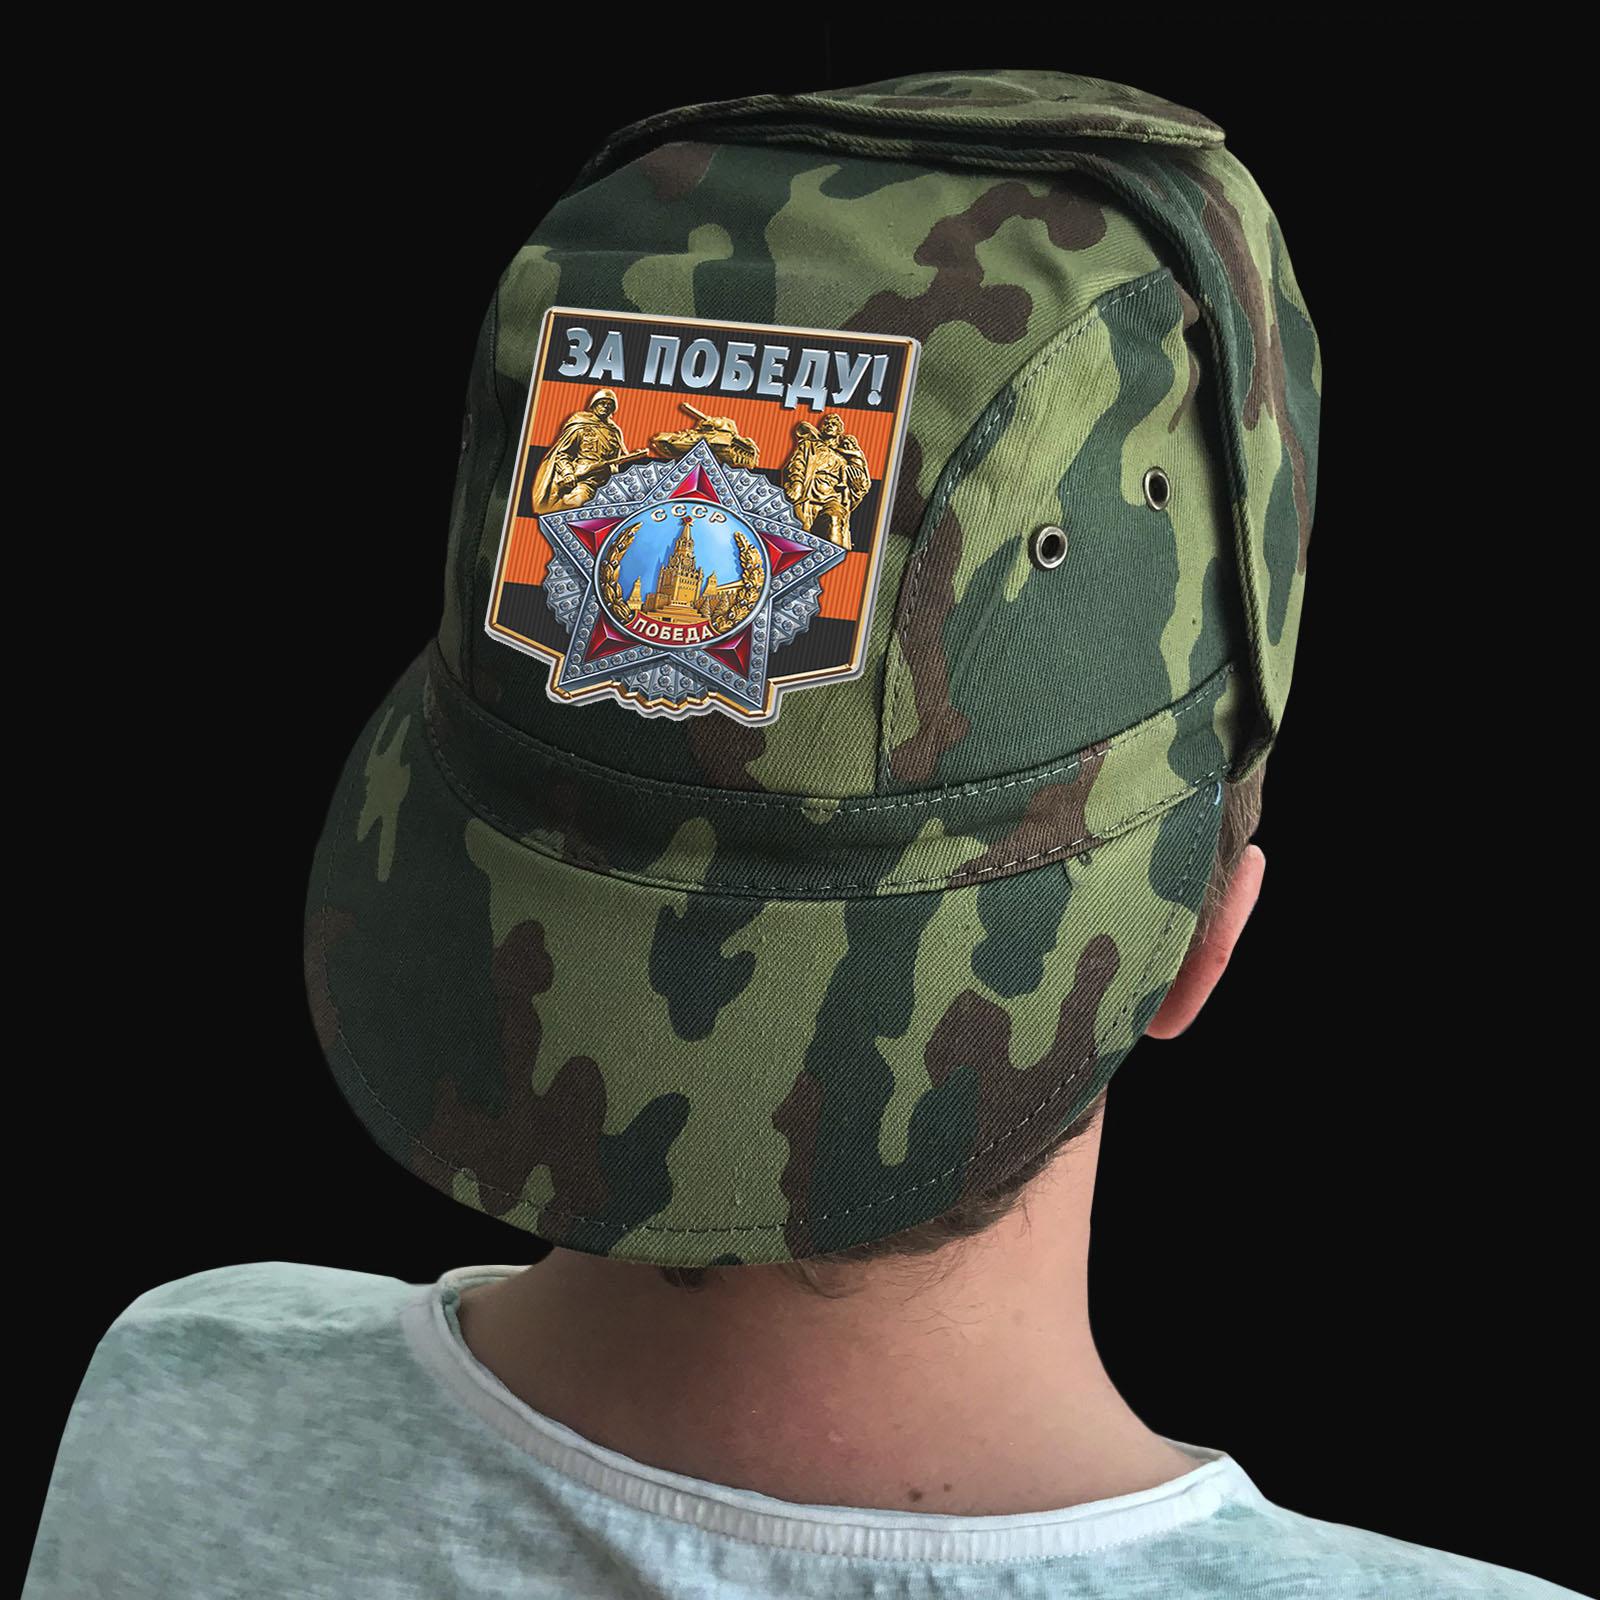 Купить камуфляжную рыбацкую кепку с термонаклейкой За Победу выгодно оптом